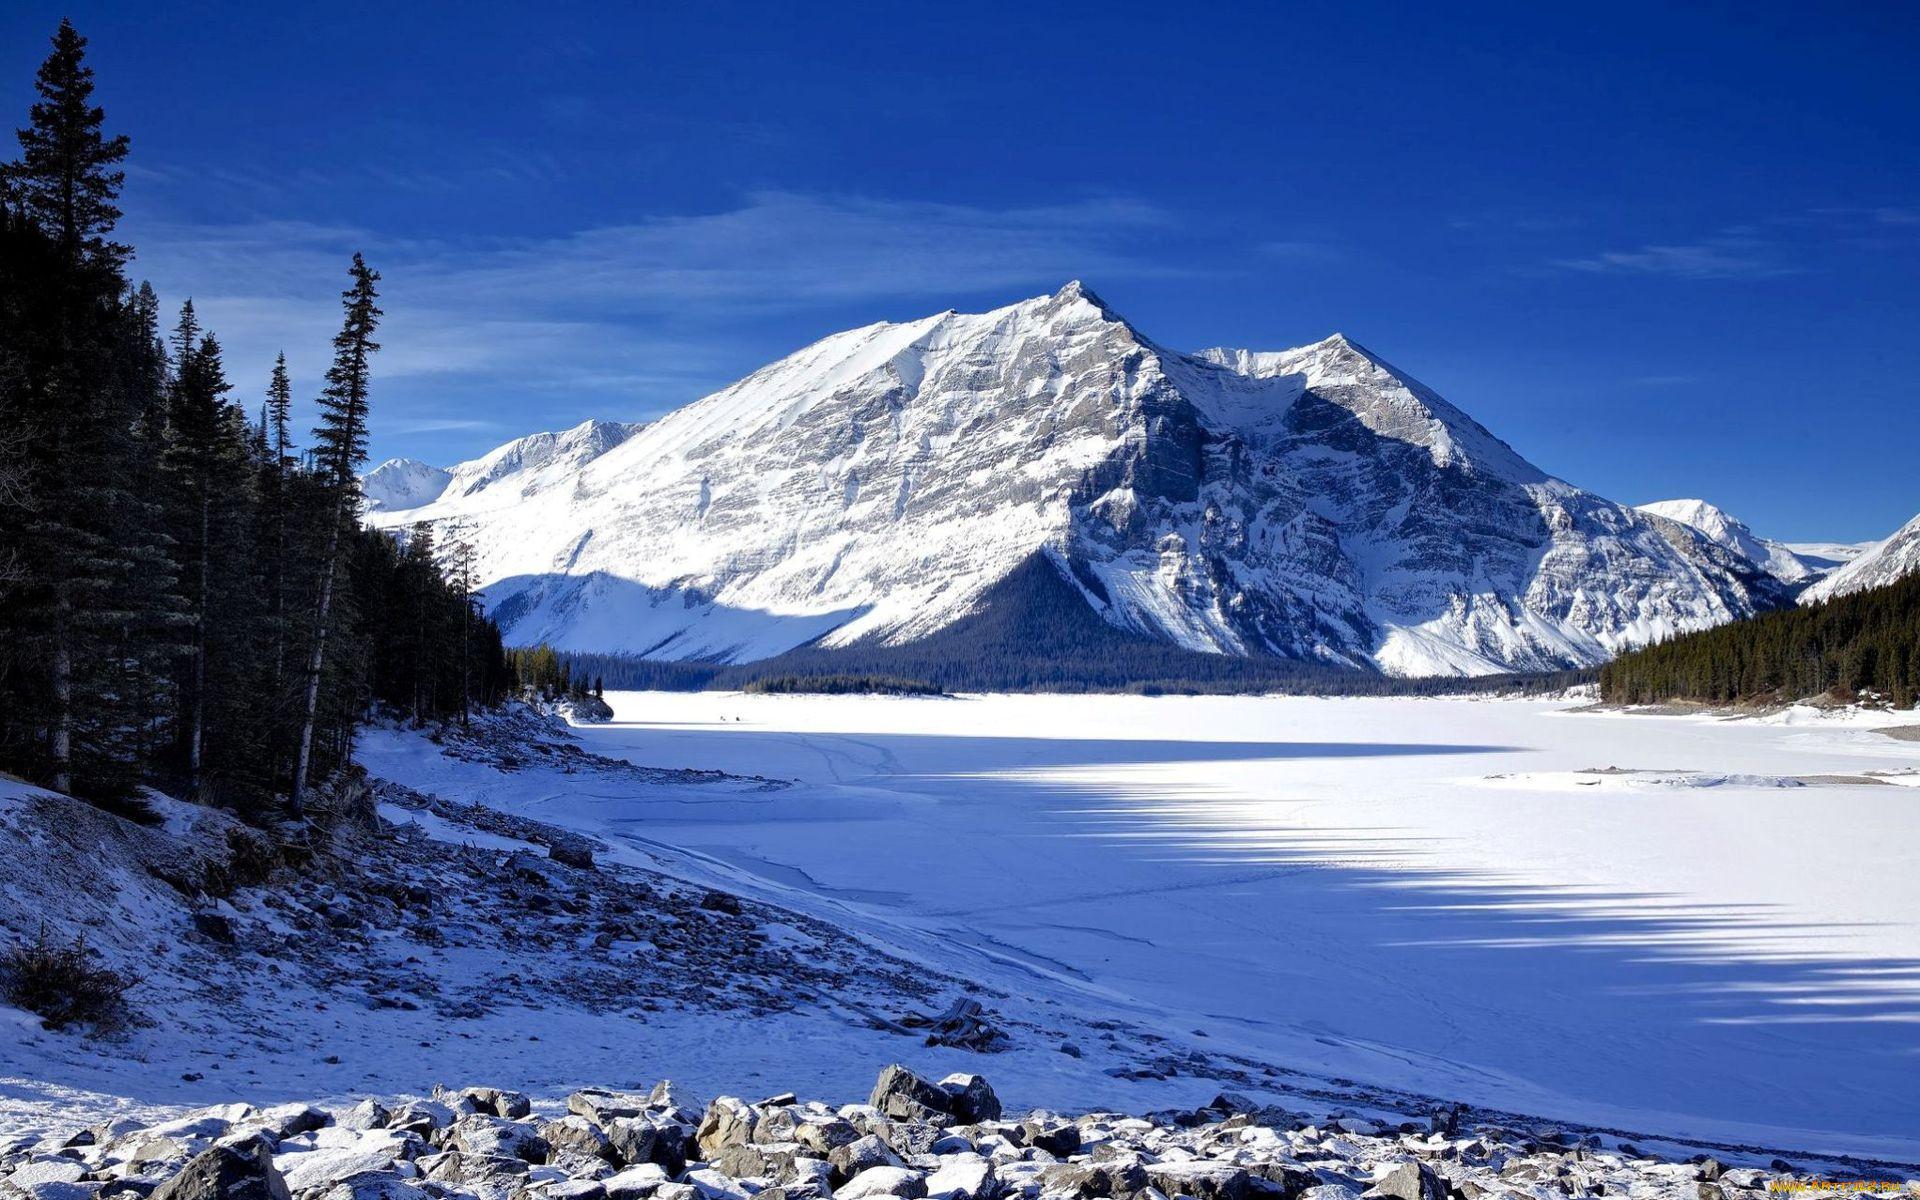 этого картинка снежные горы россии клещи источник опасной